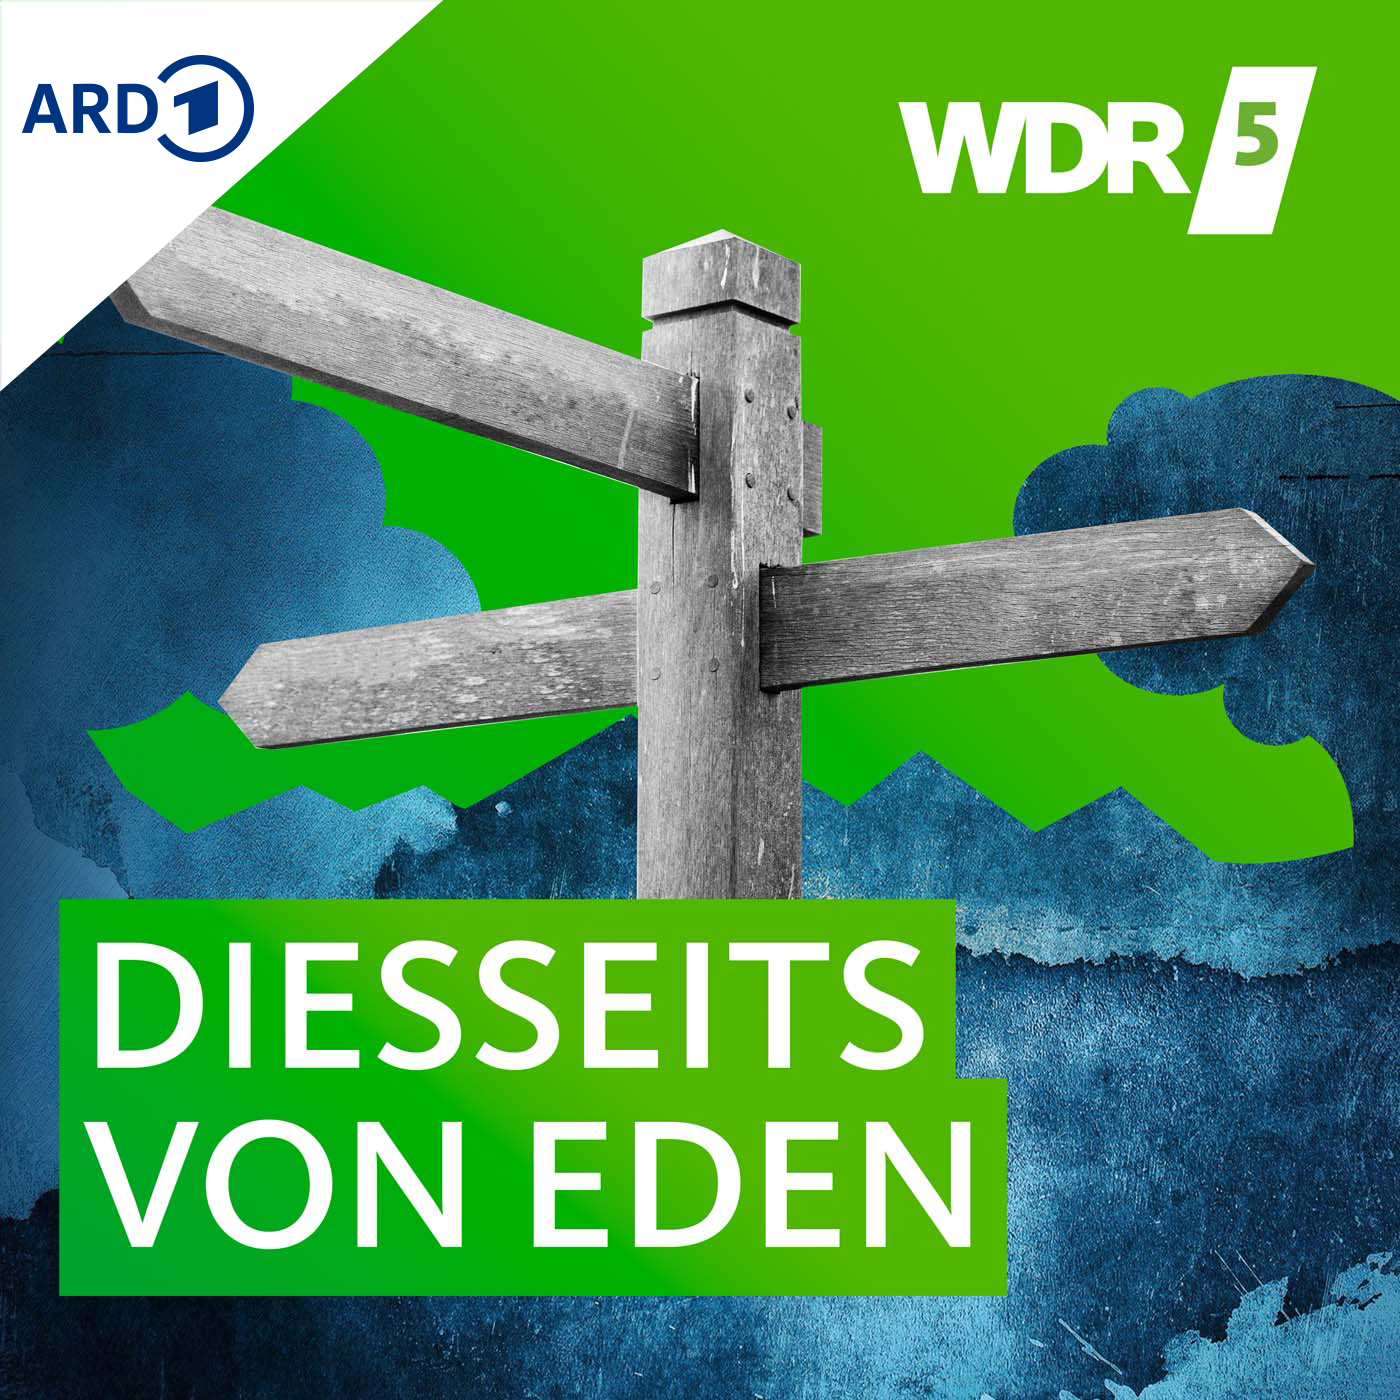 WDR 5 Diesseits von Eden